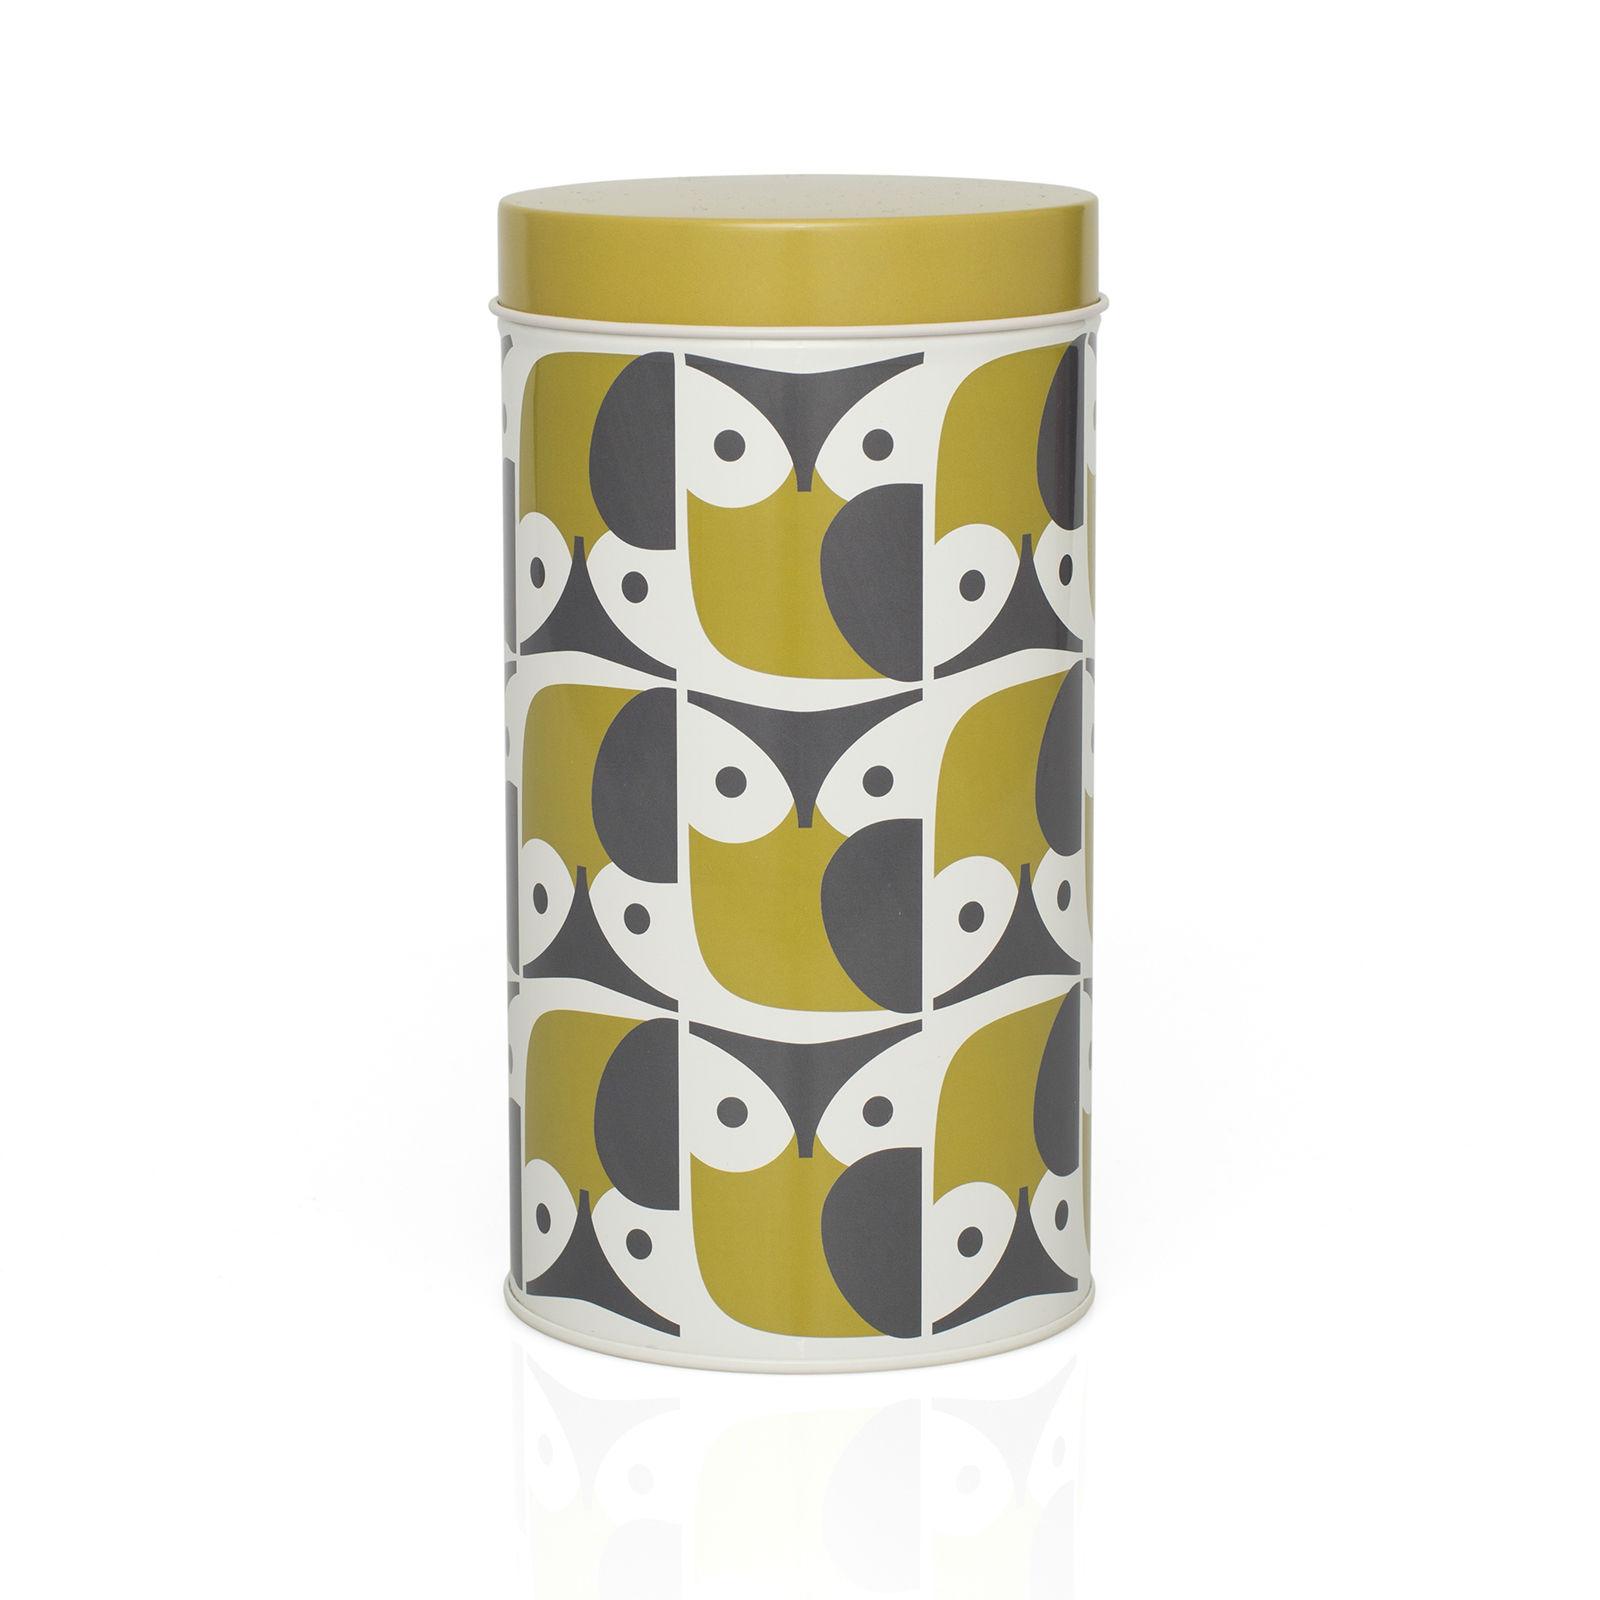 Boites-bocaus-design-Orla-Kiely-016